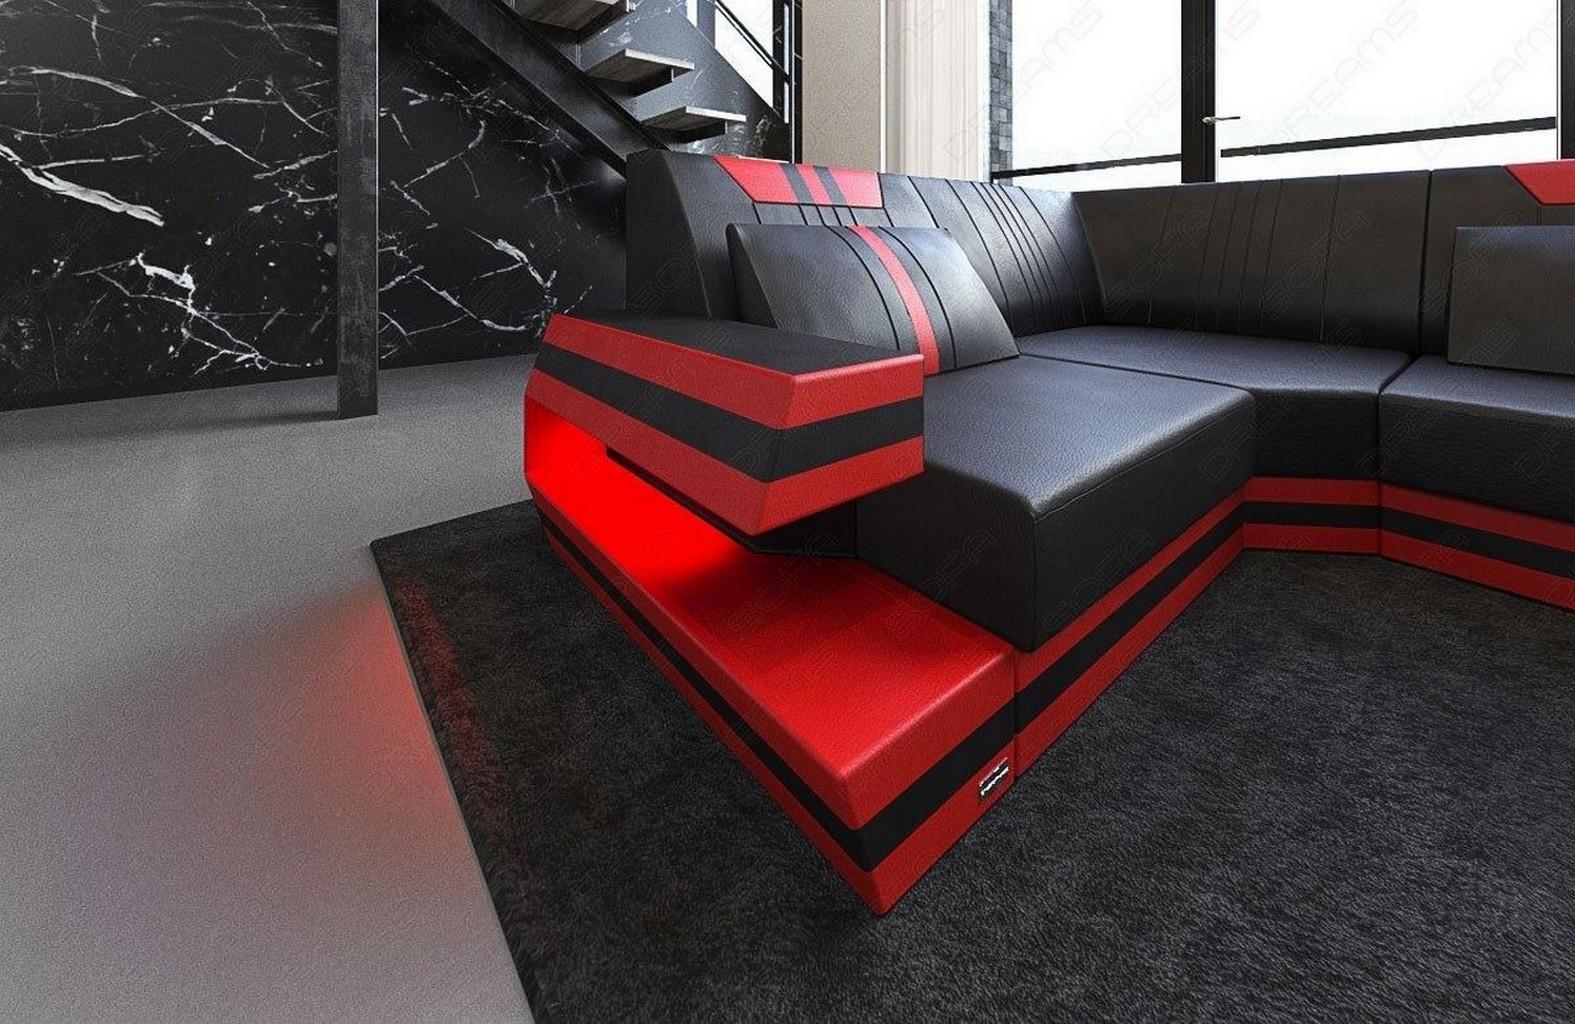 designersofa ravenna u leder wohnlandschaft mit led beleuchtung usb schwarz rot ebay. Black Bedroom Furniture Sets. Home Design Ideas